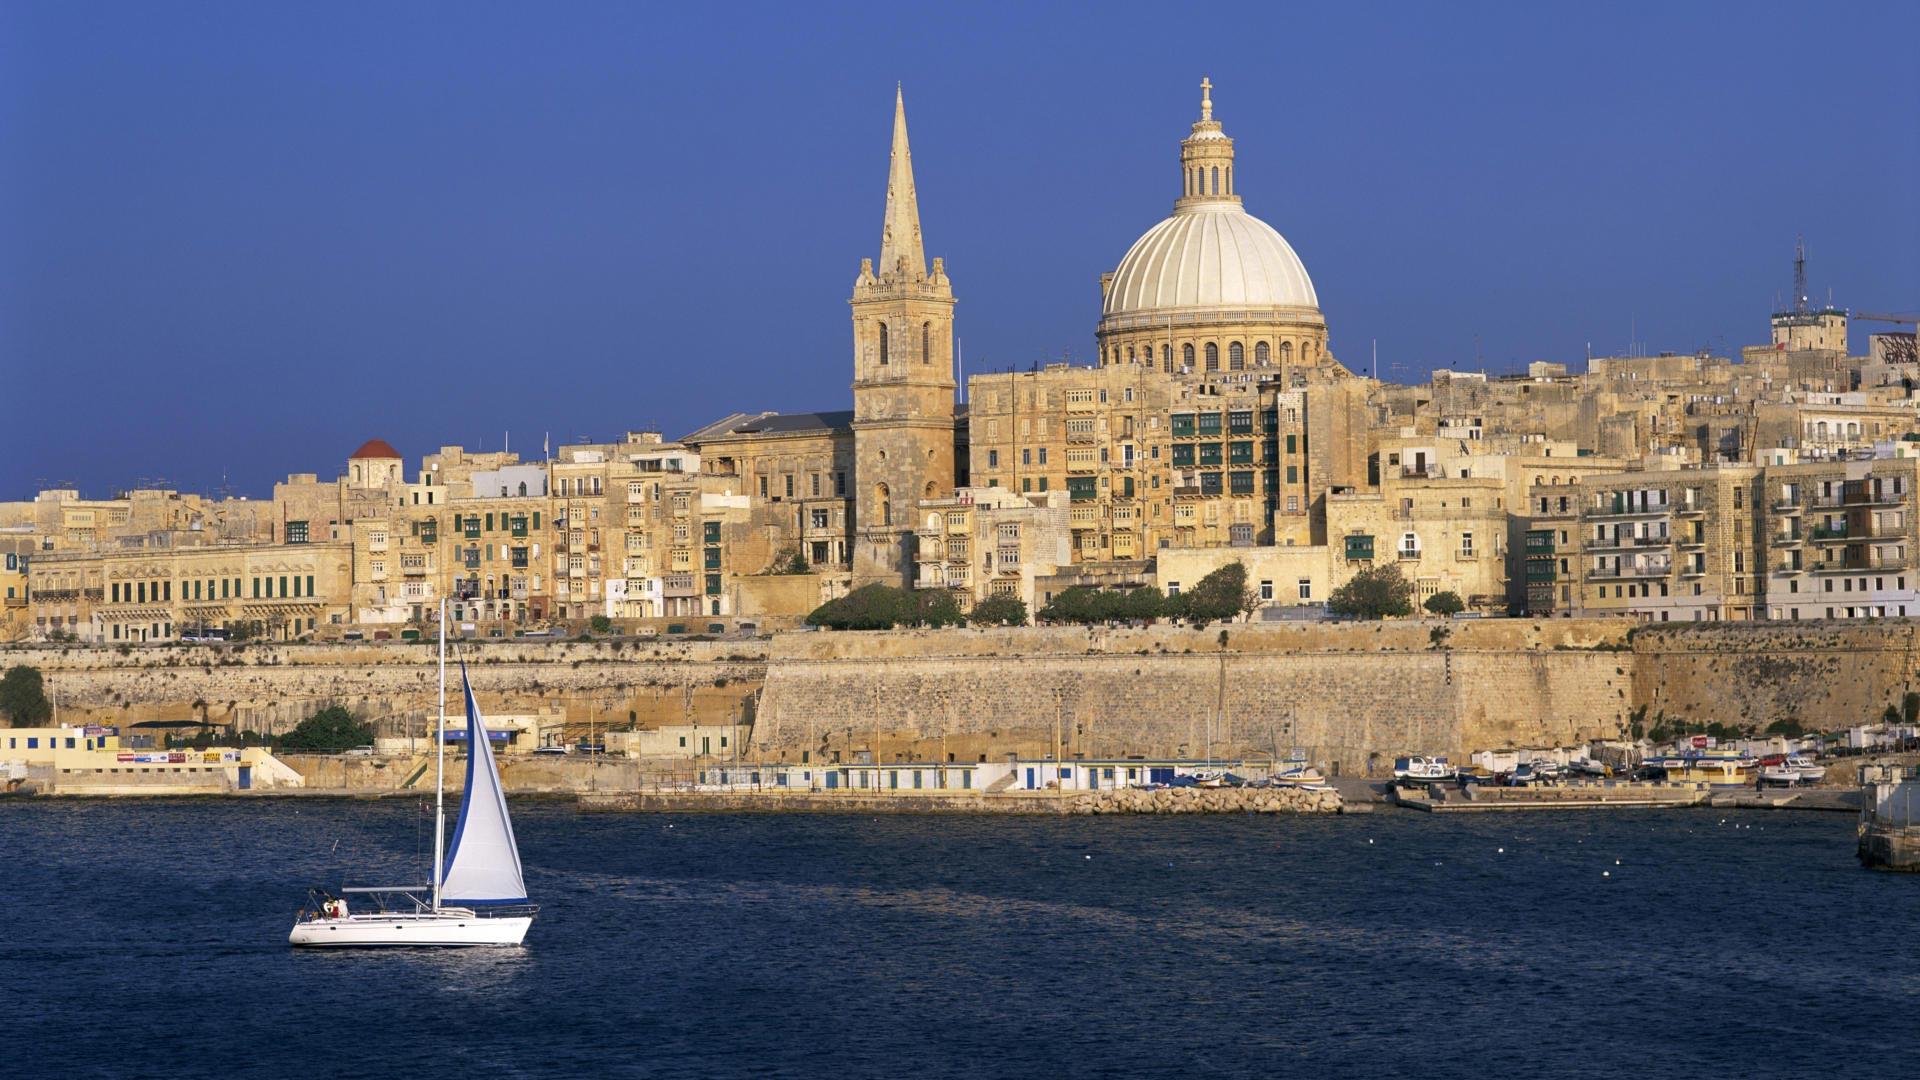 Dove Si Trova Malta Cartina Geografica.Dove Si Trova Malta Come Andare Nell Isola Dei Desideri Del Mediterraneo